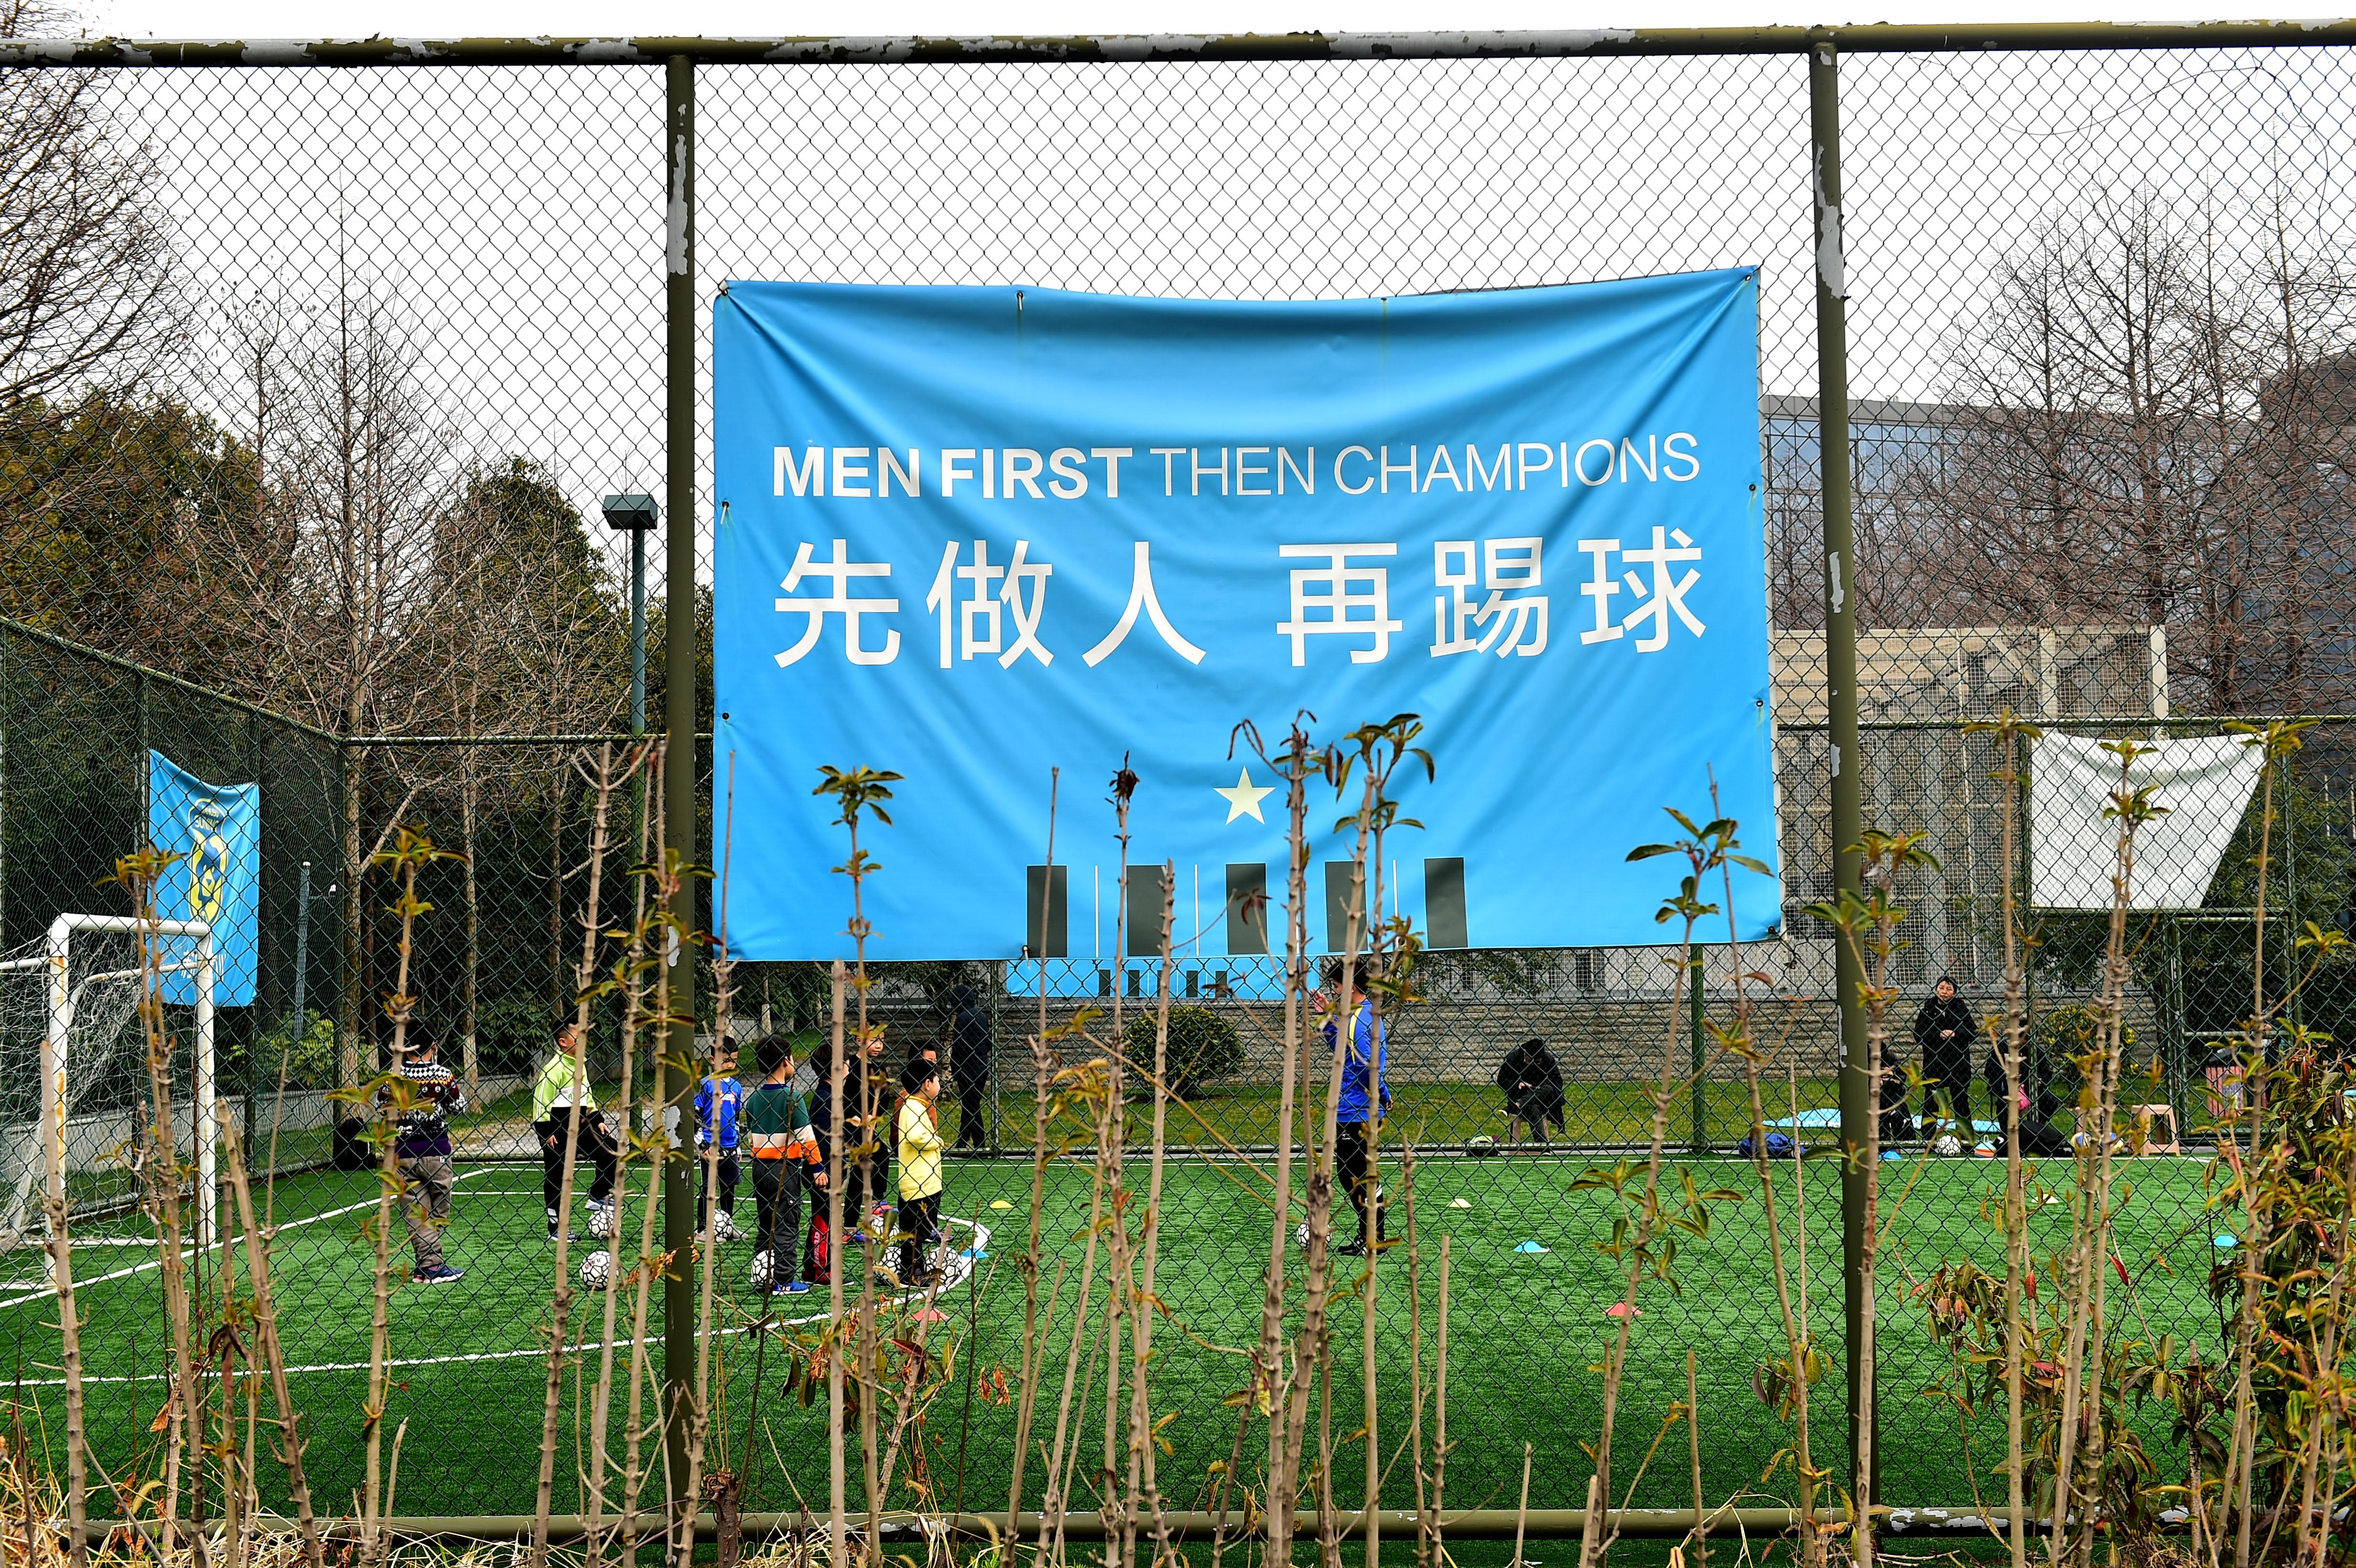 2021年2月27日,江苏南京,江苏苏宁足球训练基地外景。